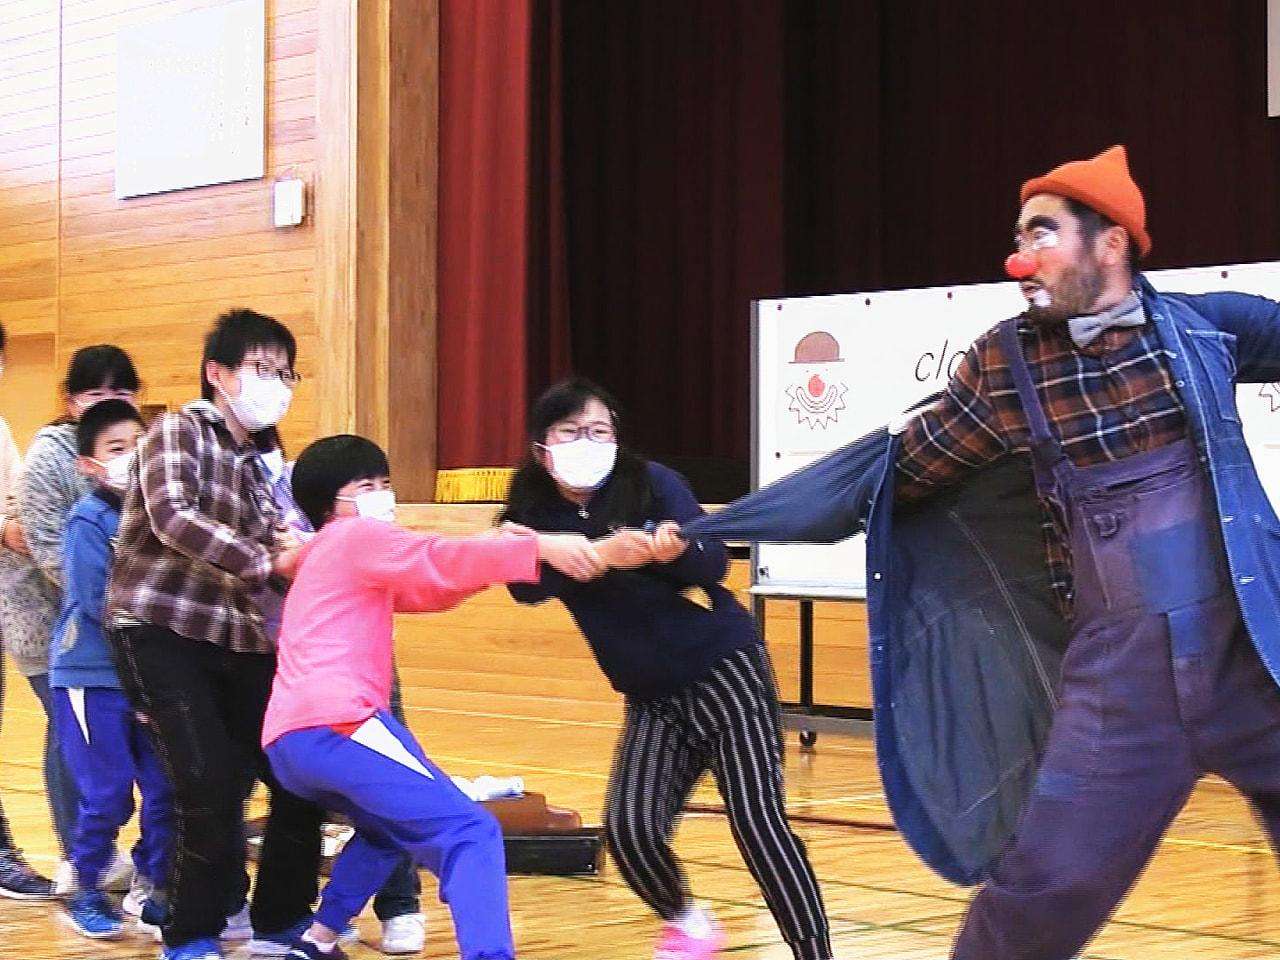 「クラウン」と呼ばれるプロの道化師が飛騨市の小学校を訪れ、パフォーマンスを見せな...